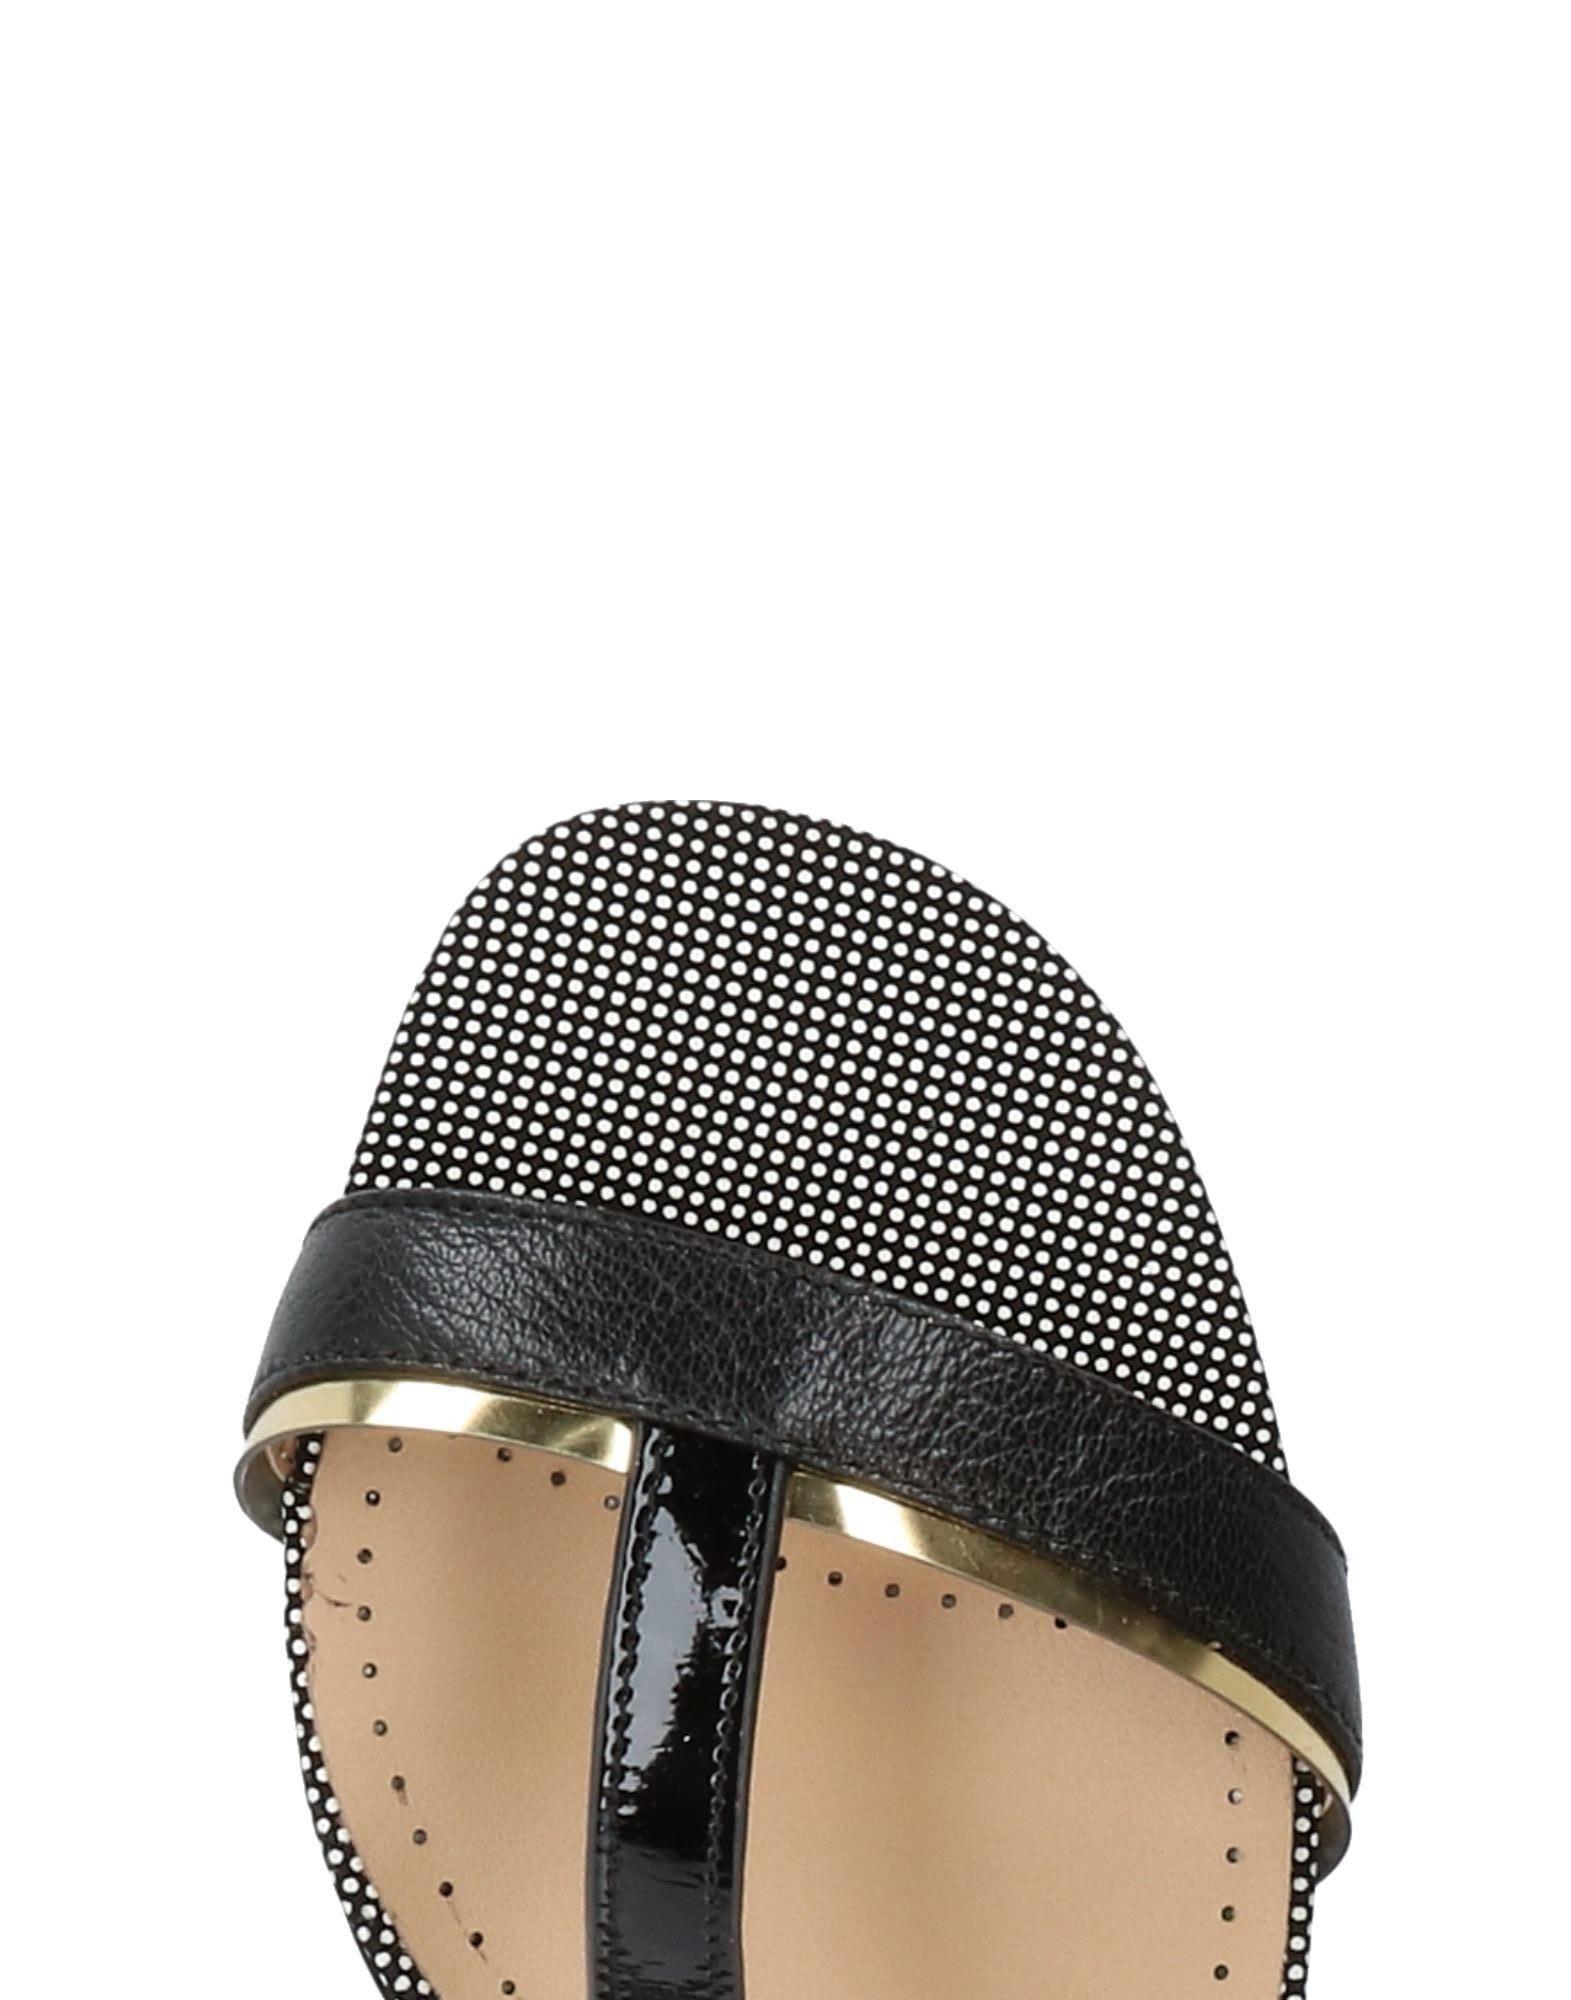 Bibi Lou Sandalen Damen  11345656HU Gute Qualität beliebte beliebte beliebte Schuhe 57958a